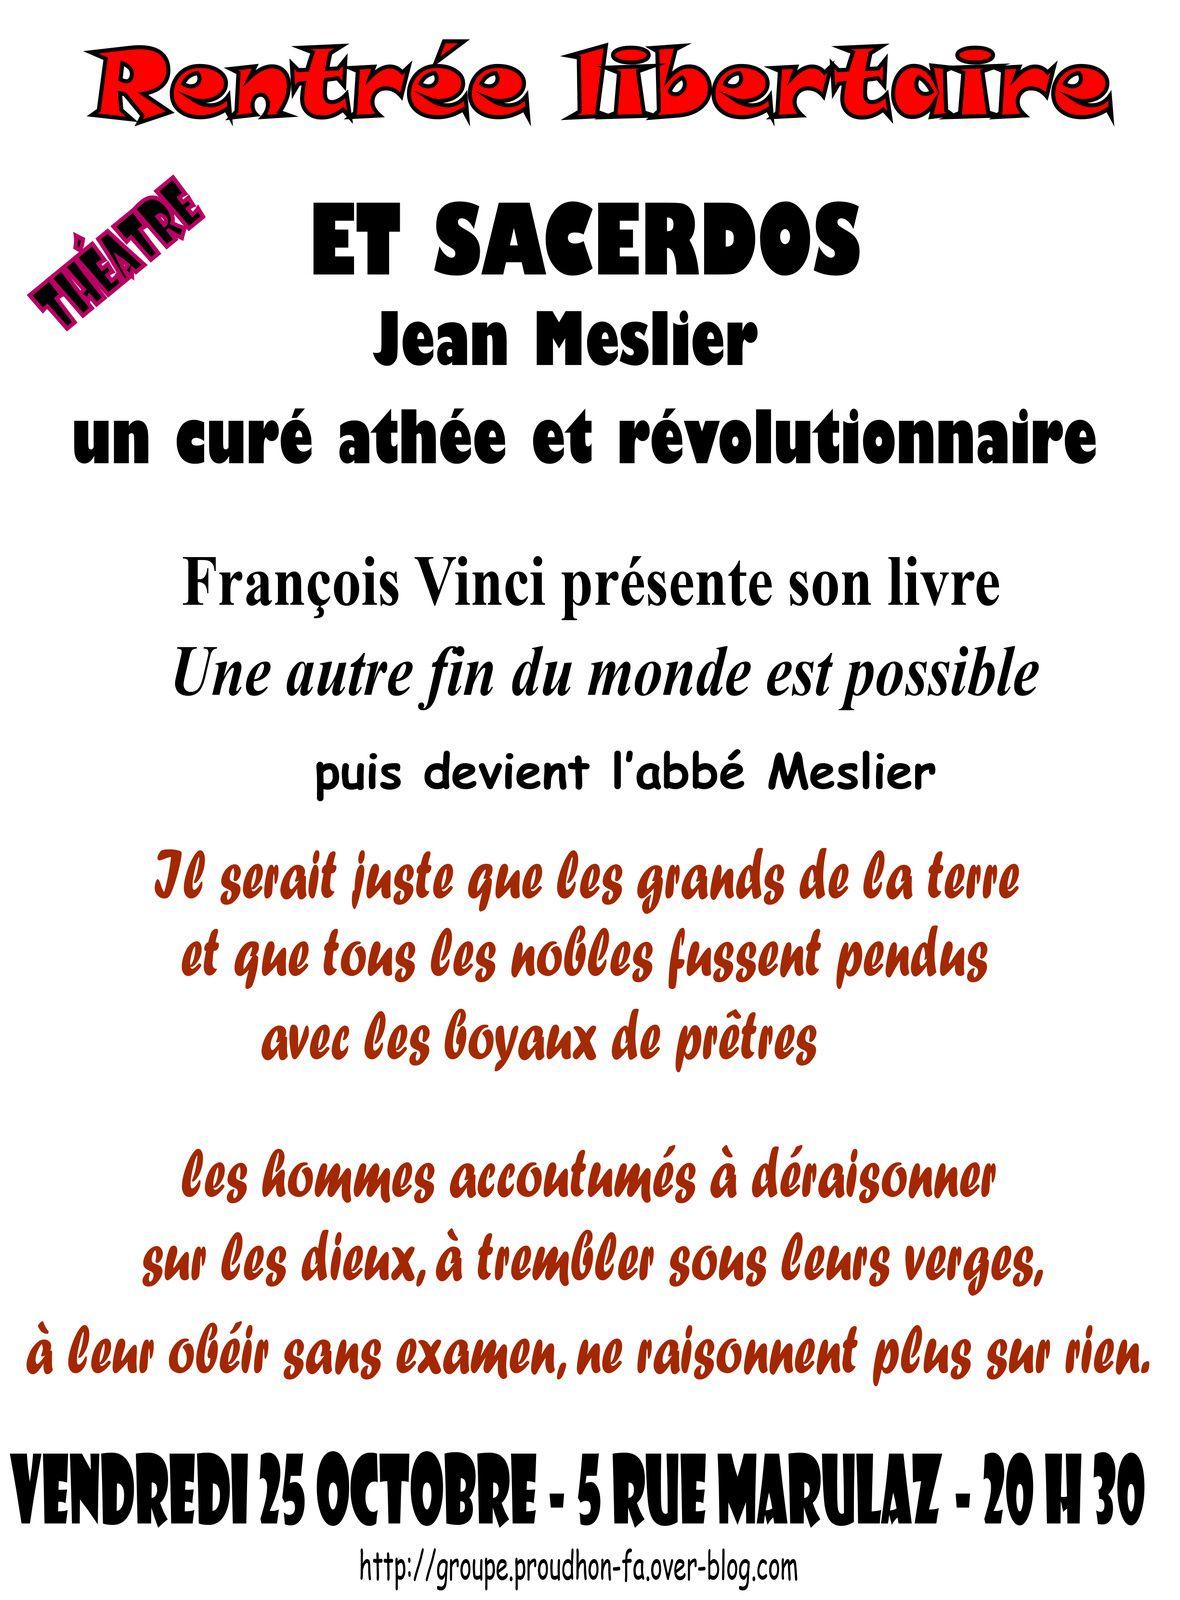 Vendredi 25 octobre 20 h 30 – Et Sacerdos François Vinci se met dans la peau de l'abbé Meslier un curé athée et révolutionnaire